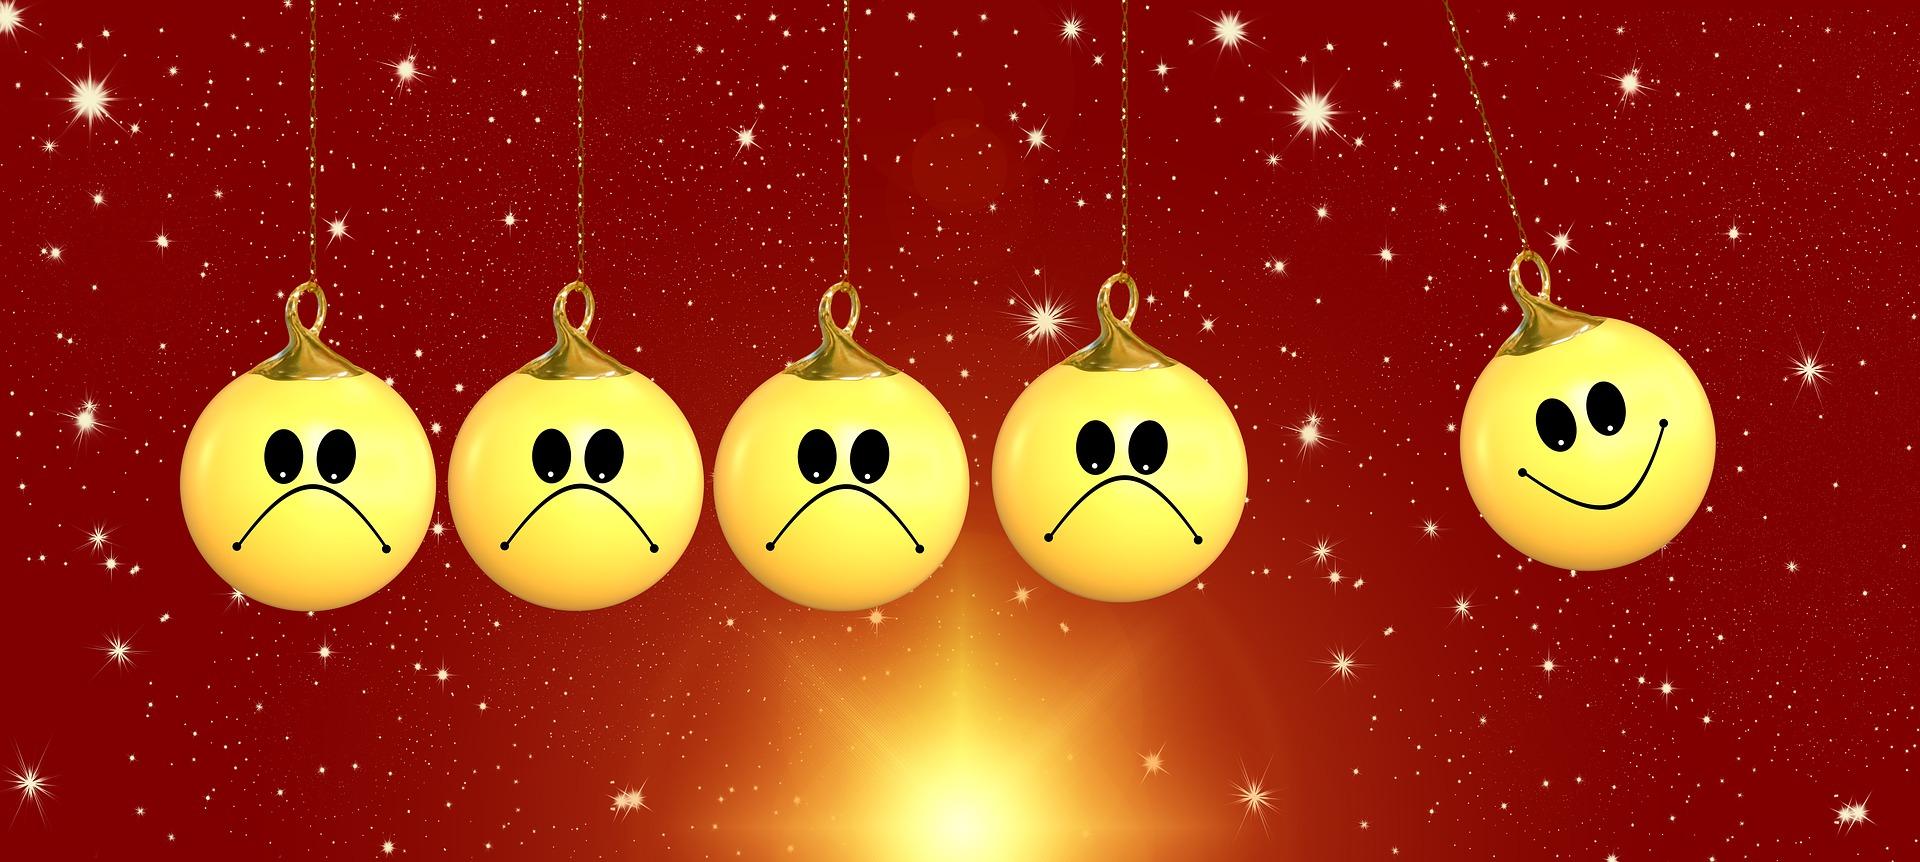 10 rigtig gode grunde til at julen er hård for introverte